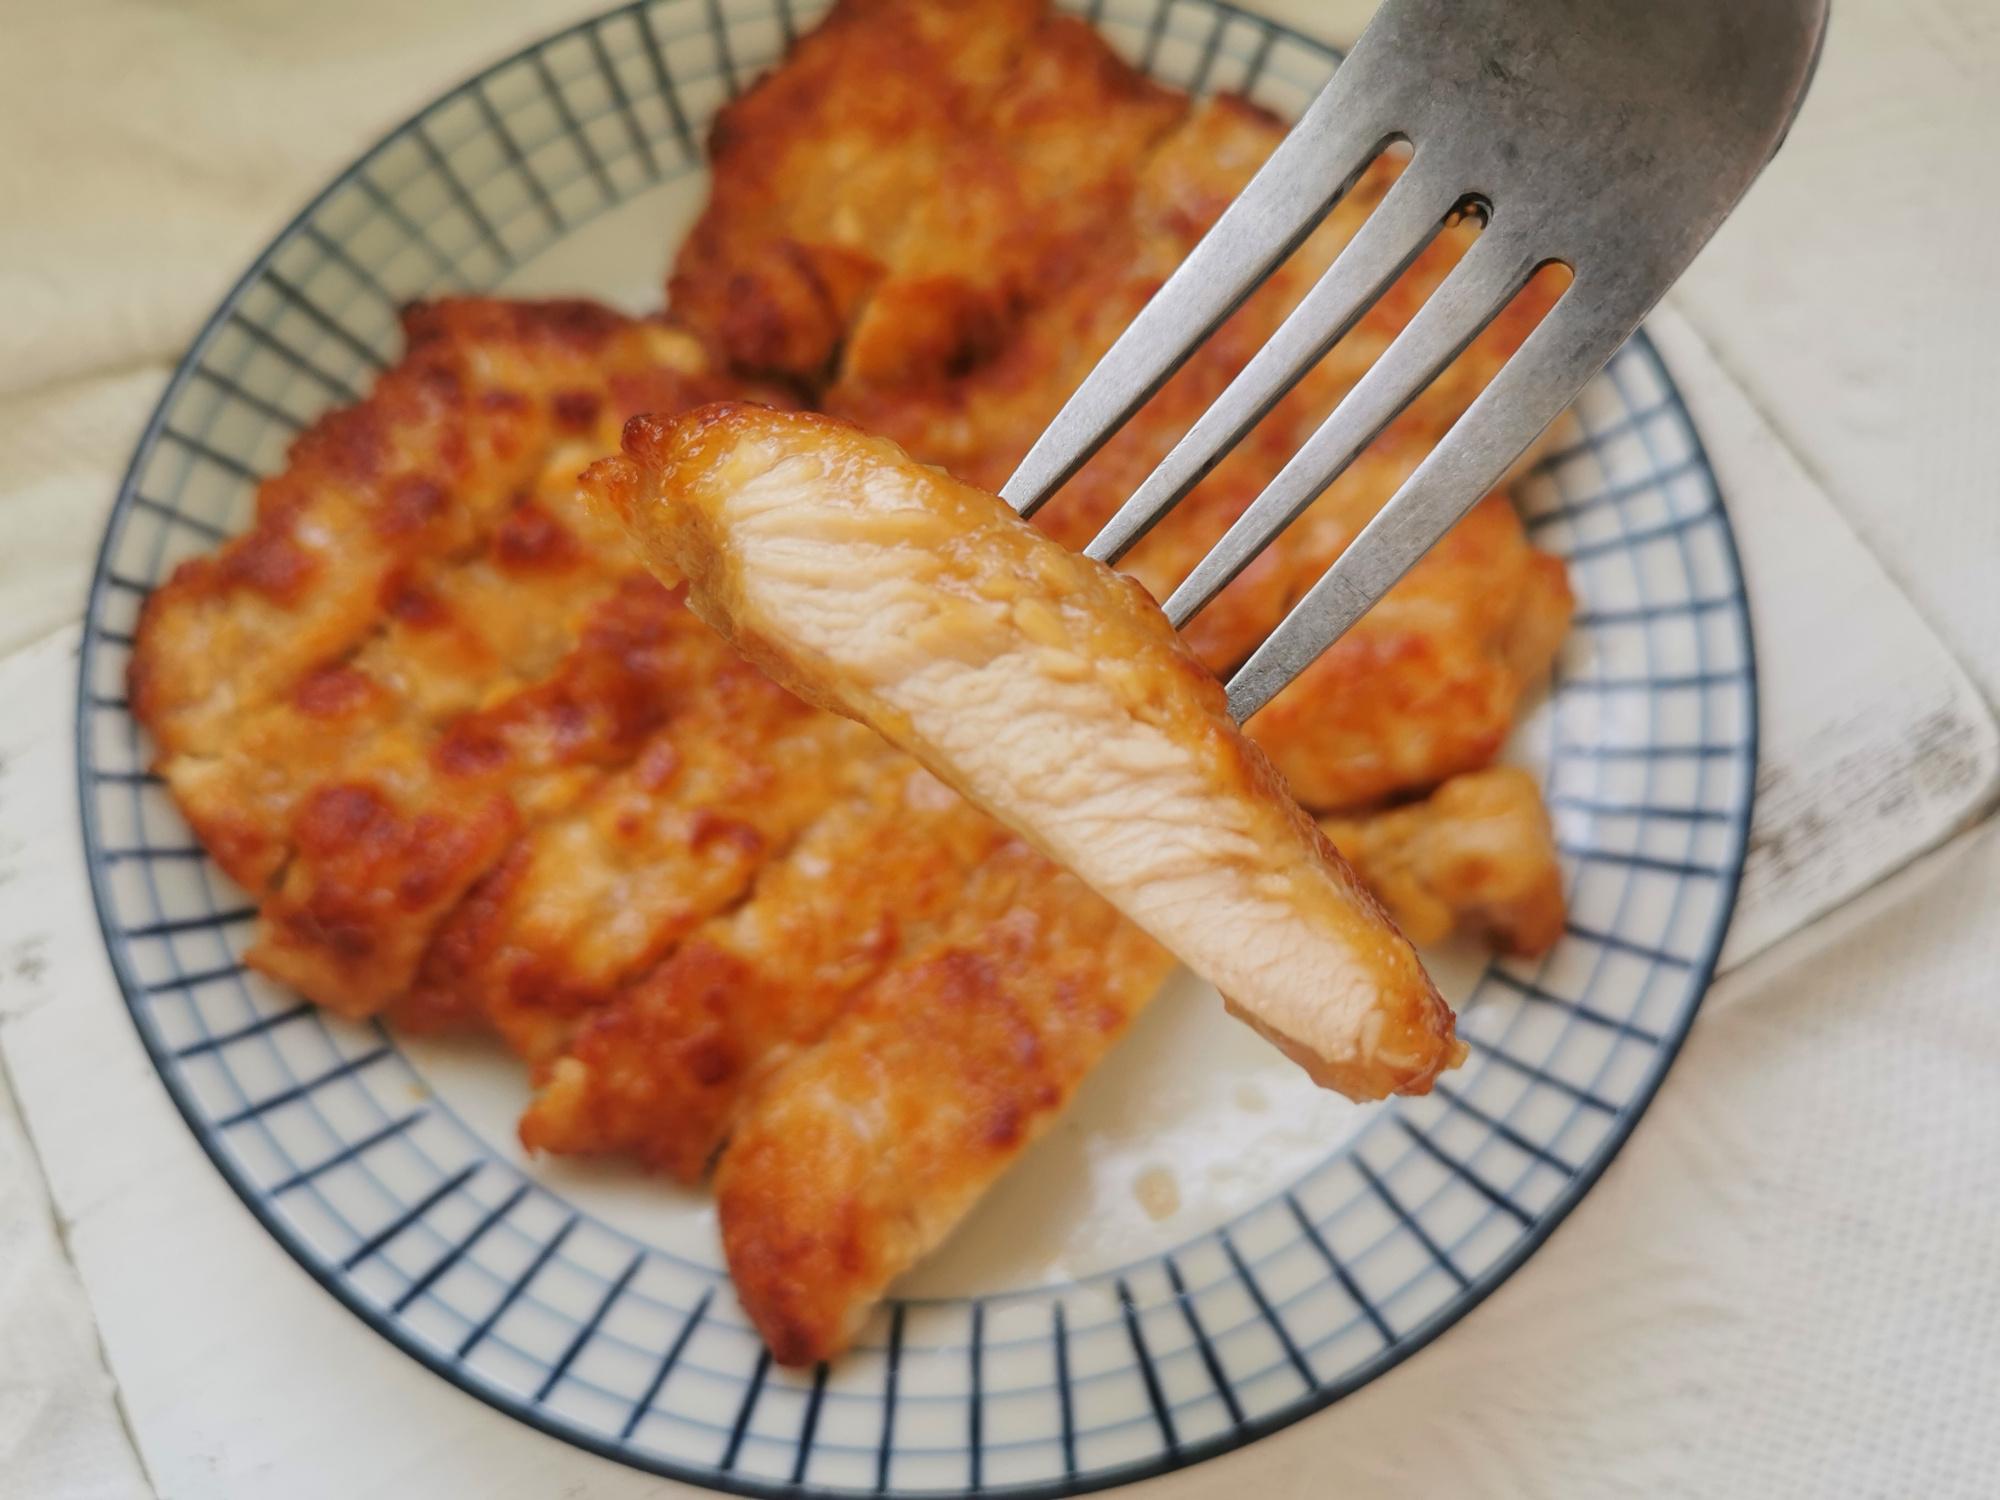 炸鸡排,别只知道裹面包糠,水嫩腌制配方分享给你,口感嫩而不柴